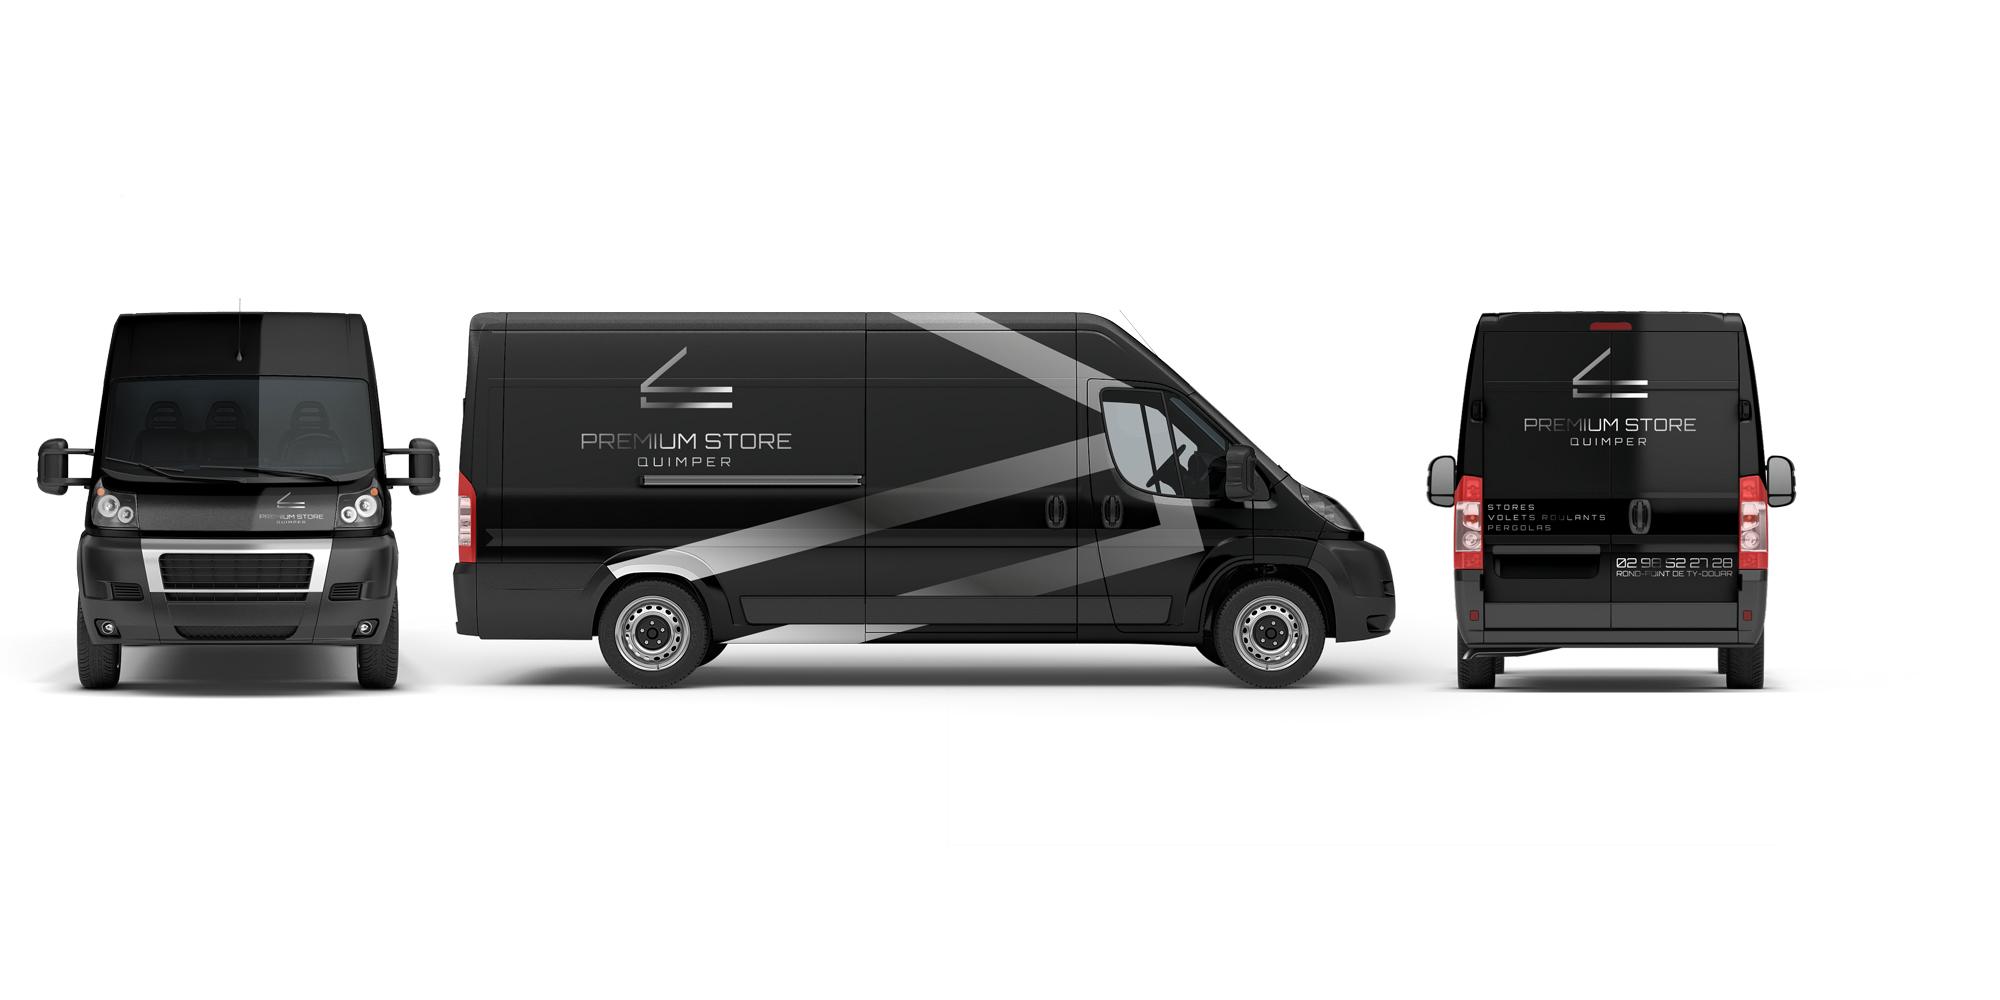 Habillage-véhicule-premium-store